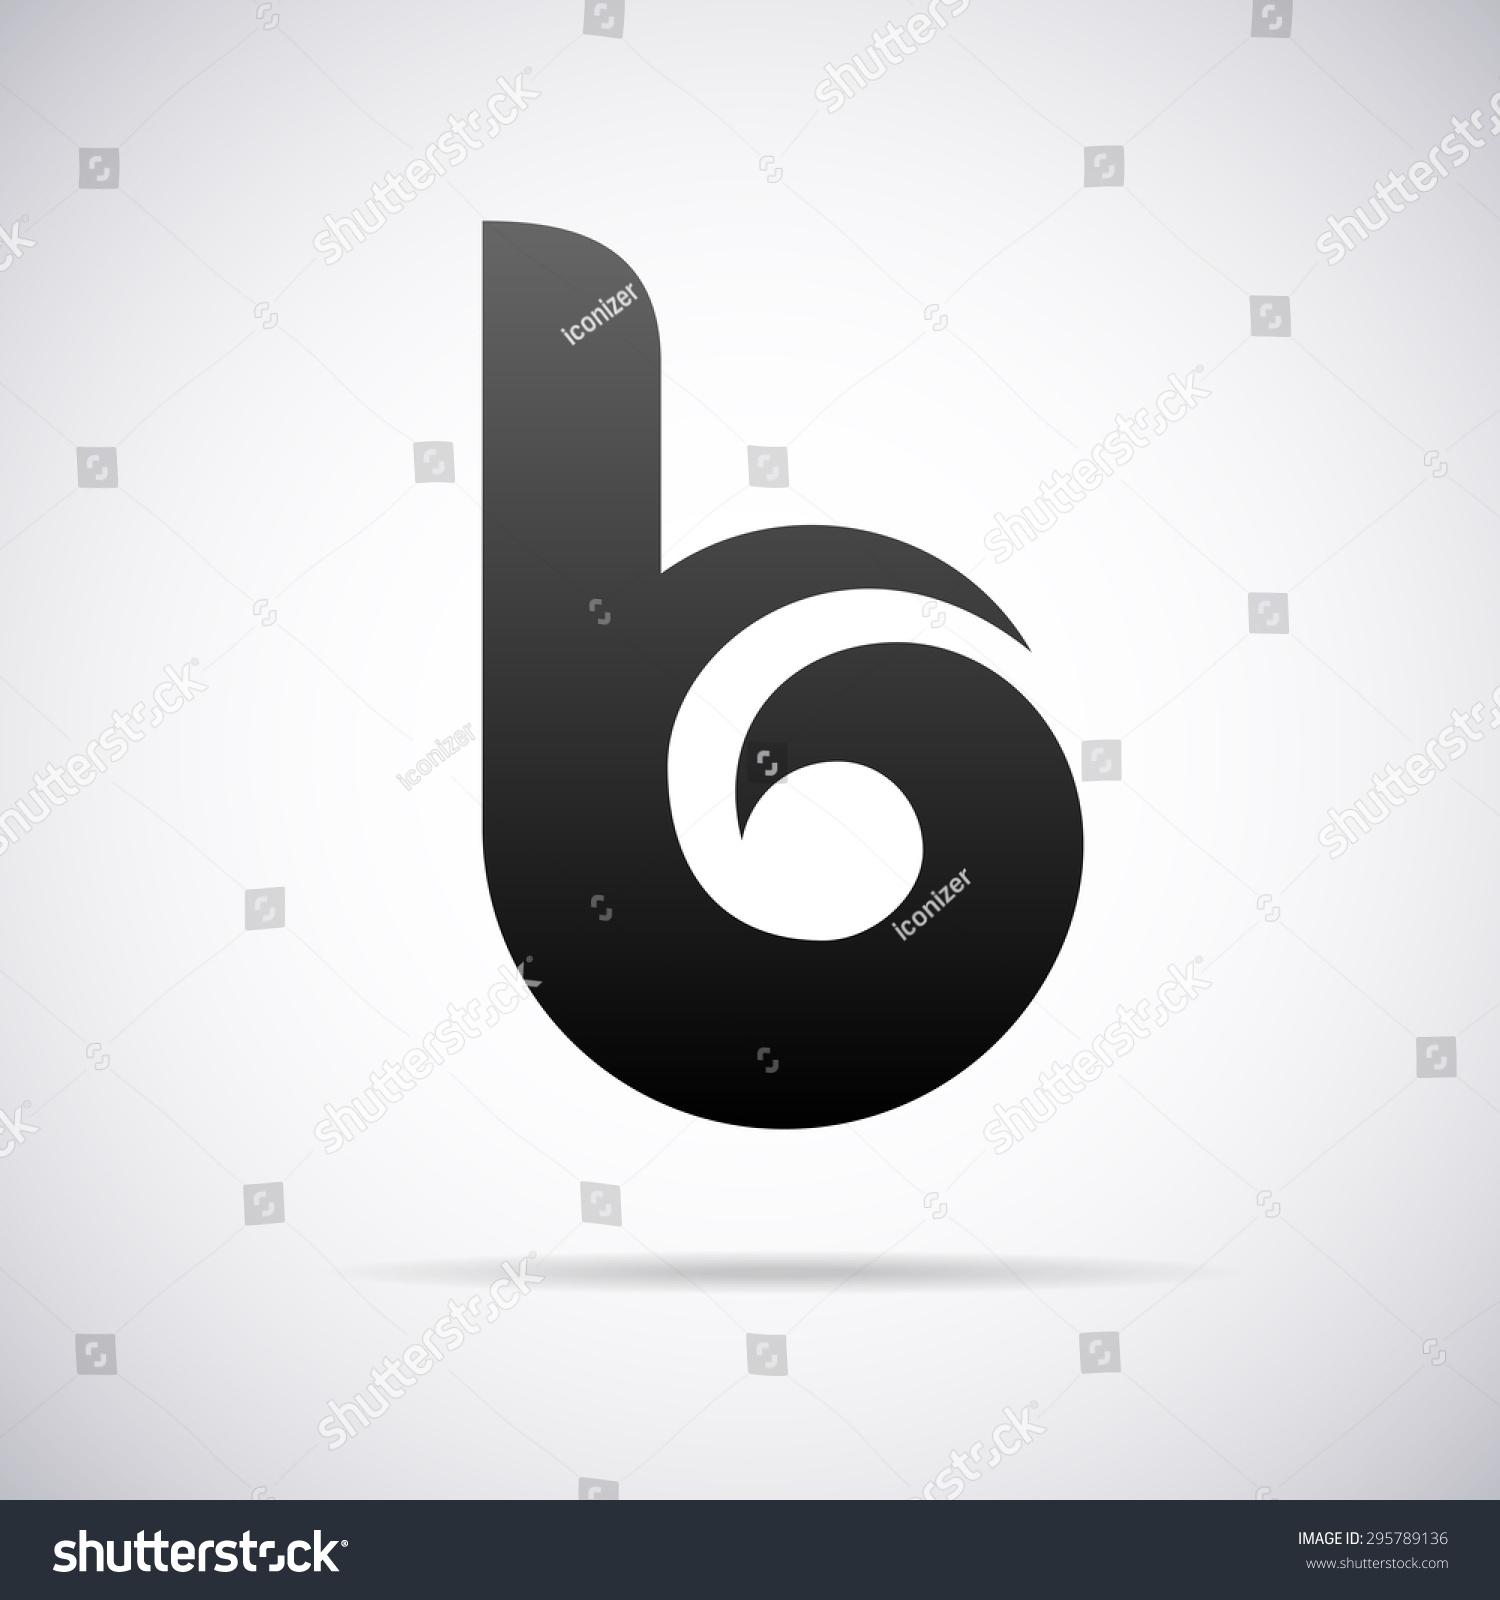 logo for letter b design template stock vector. Black Bedroom Furniture Sets. Home Design Ideas